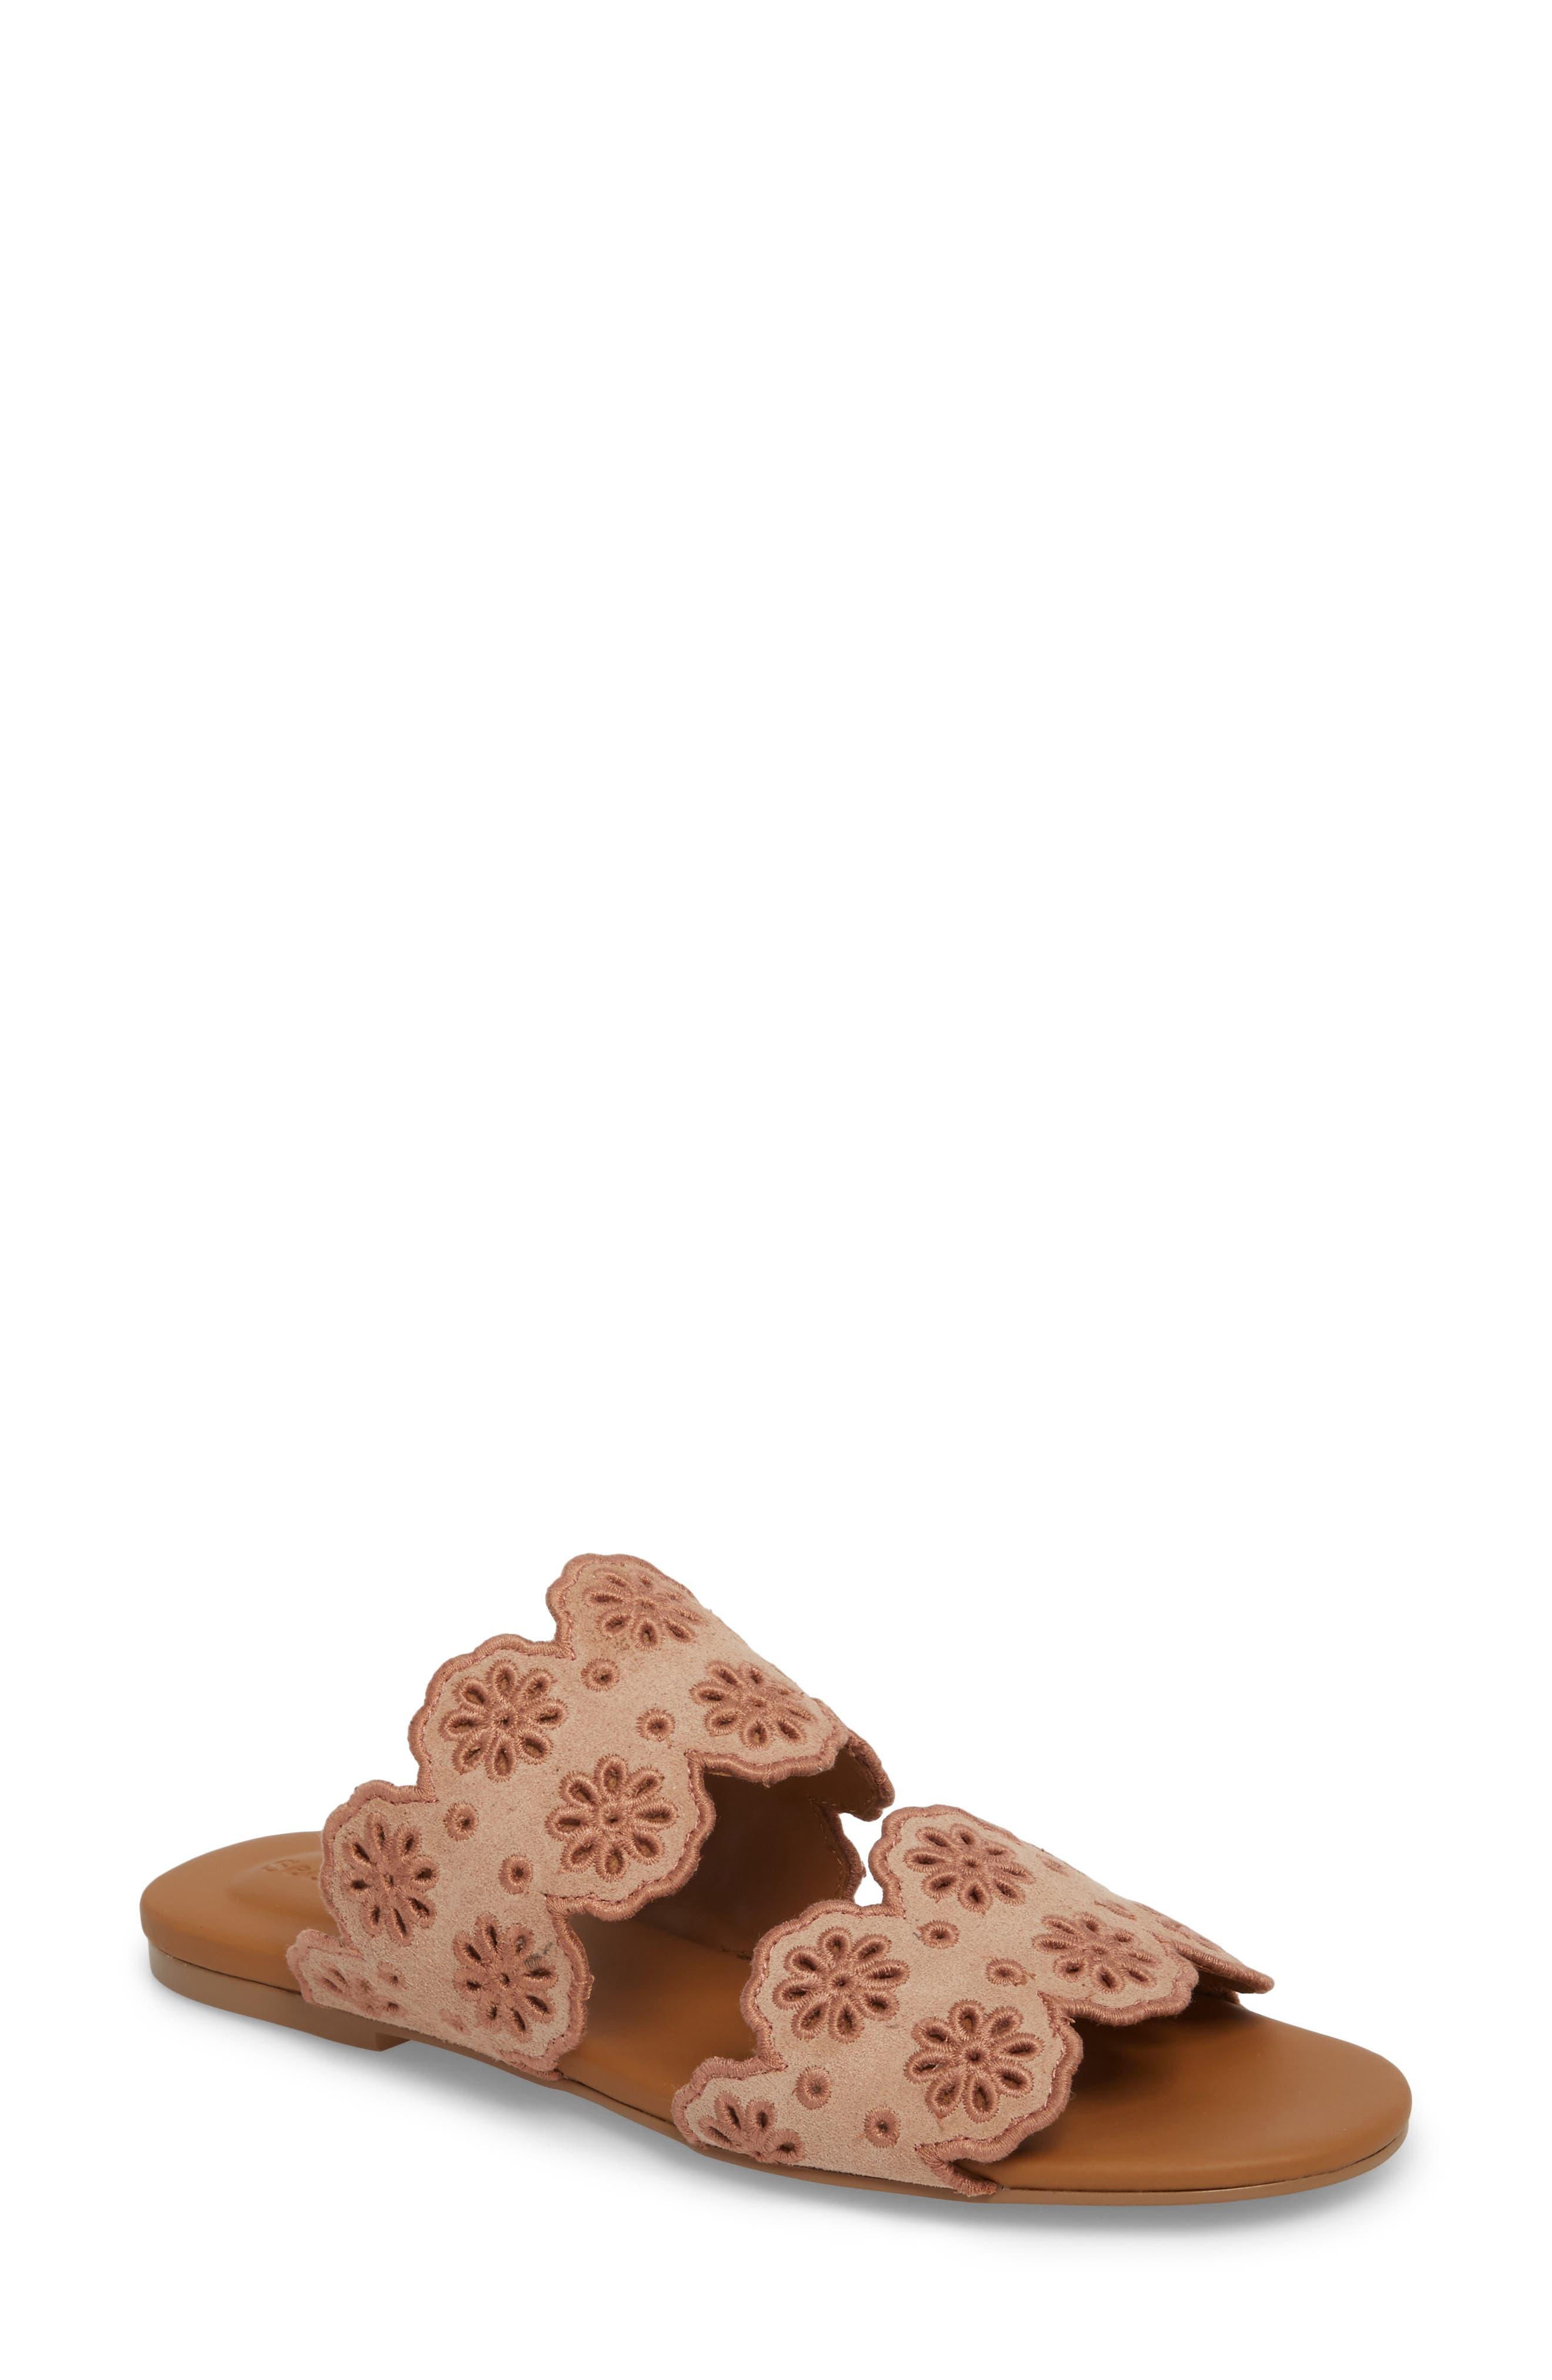 Valentina Slide Sandal, Main, color, 210